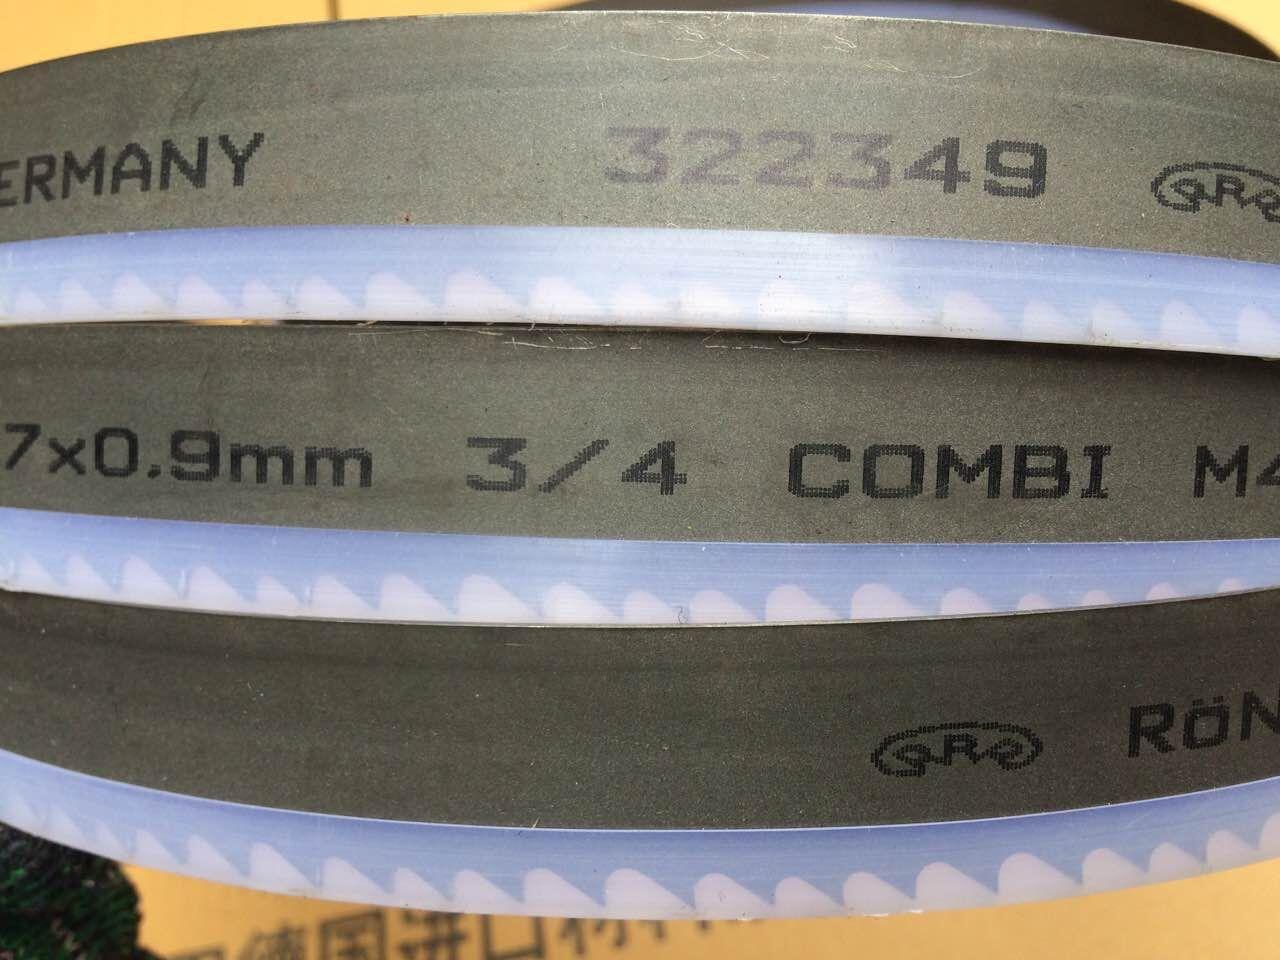 克罗德带锯条生产厂家制造,专业克罗德带锯条生产厂家在浙江